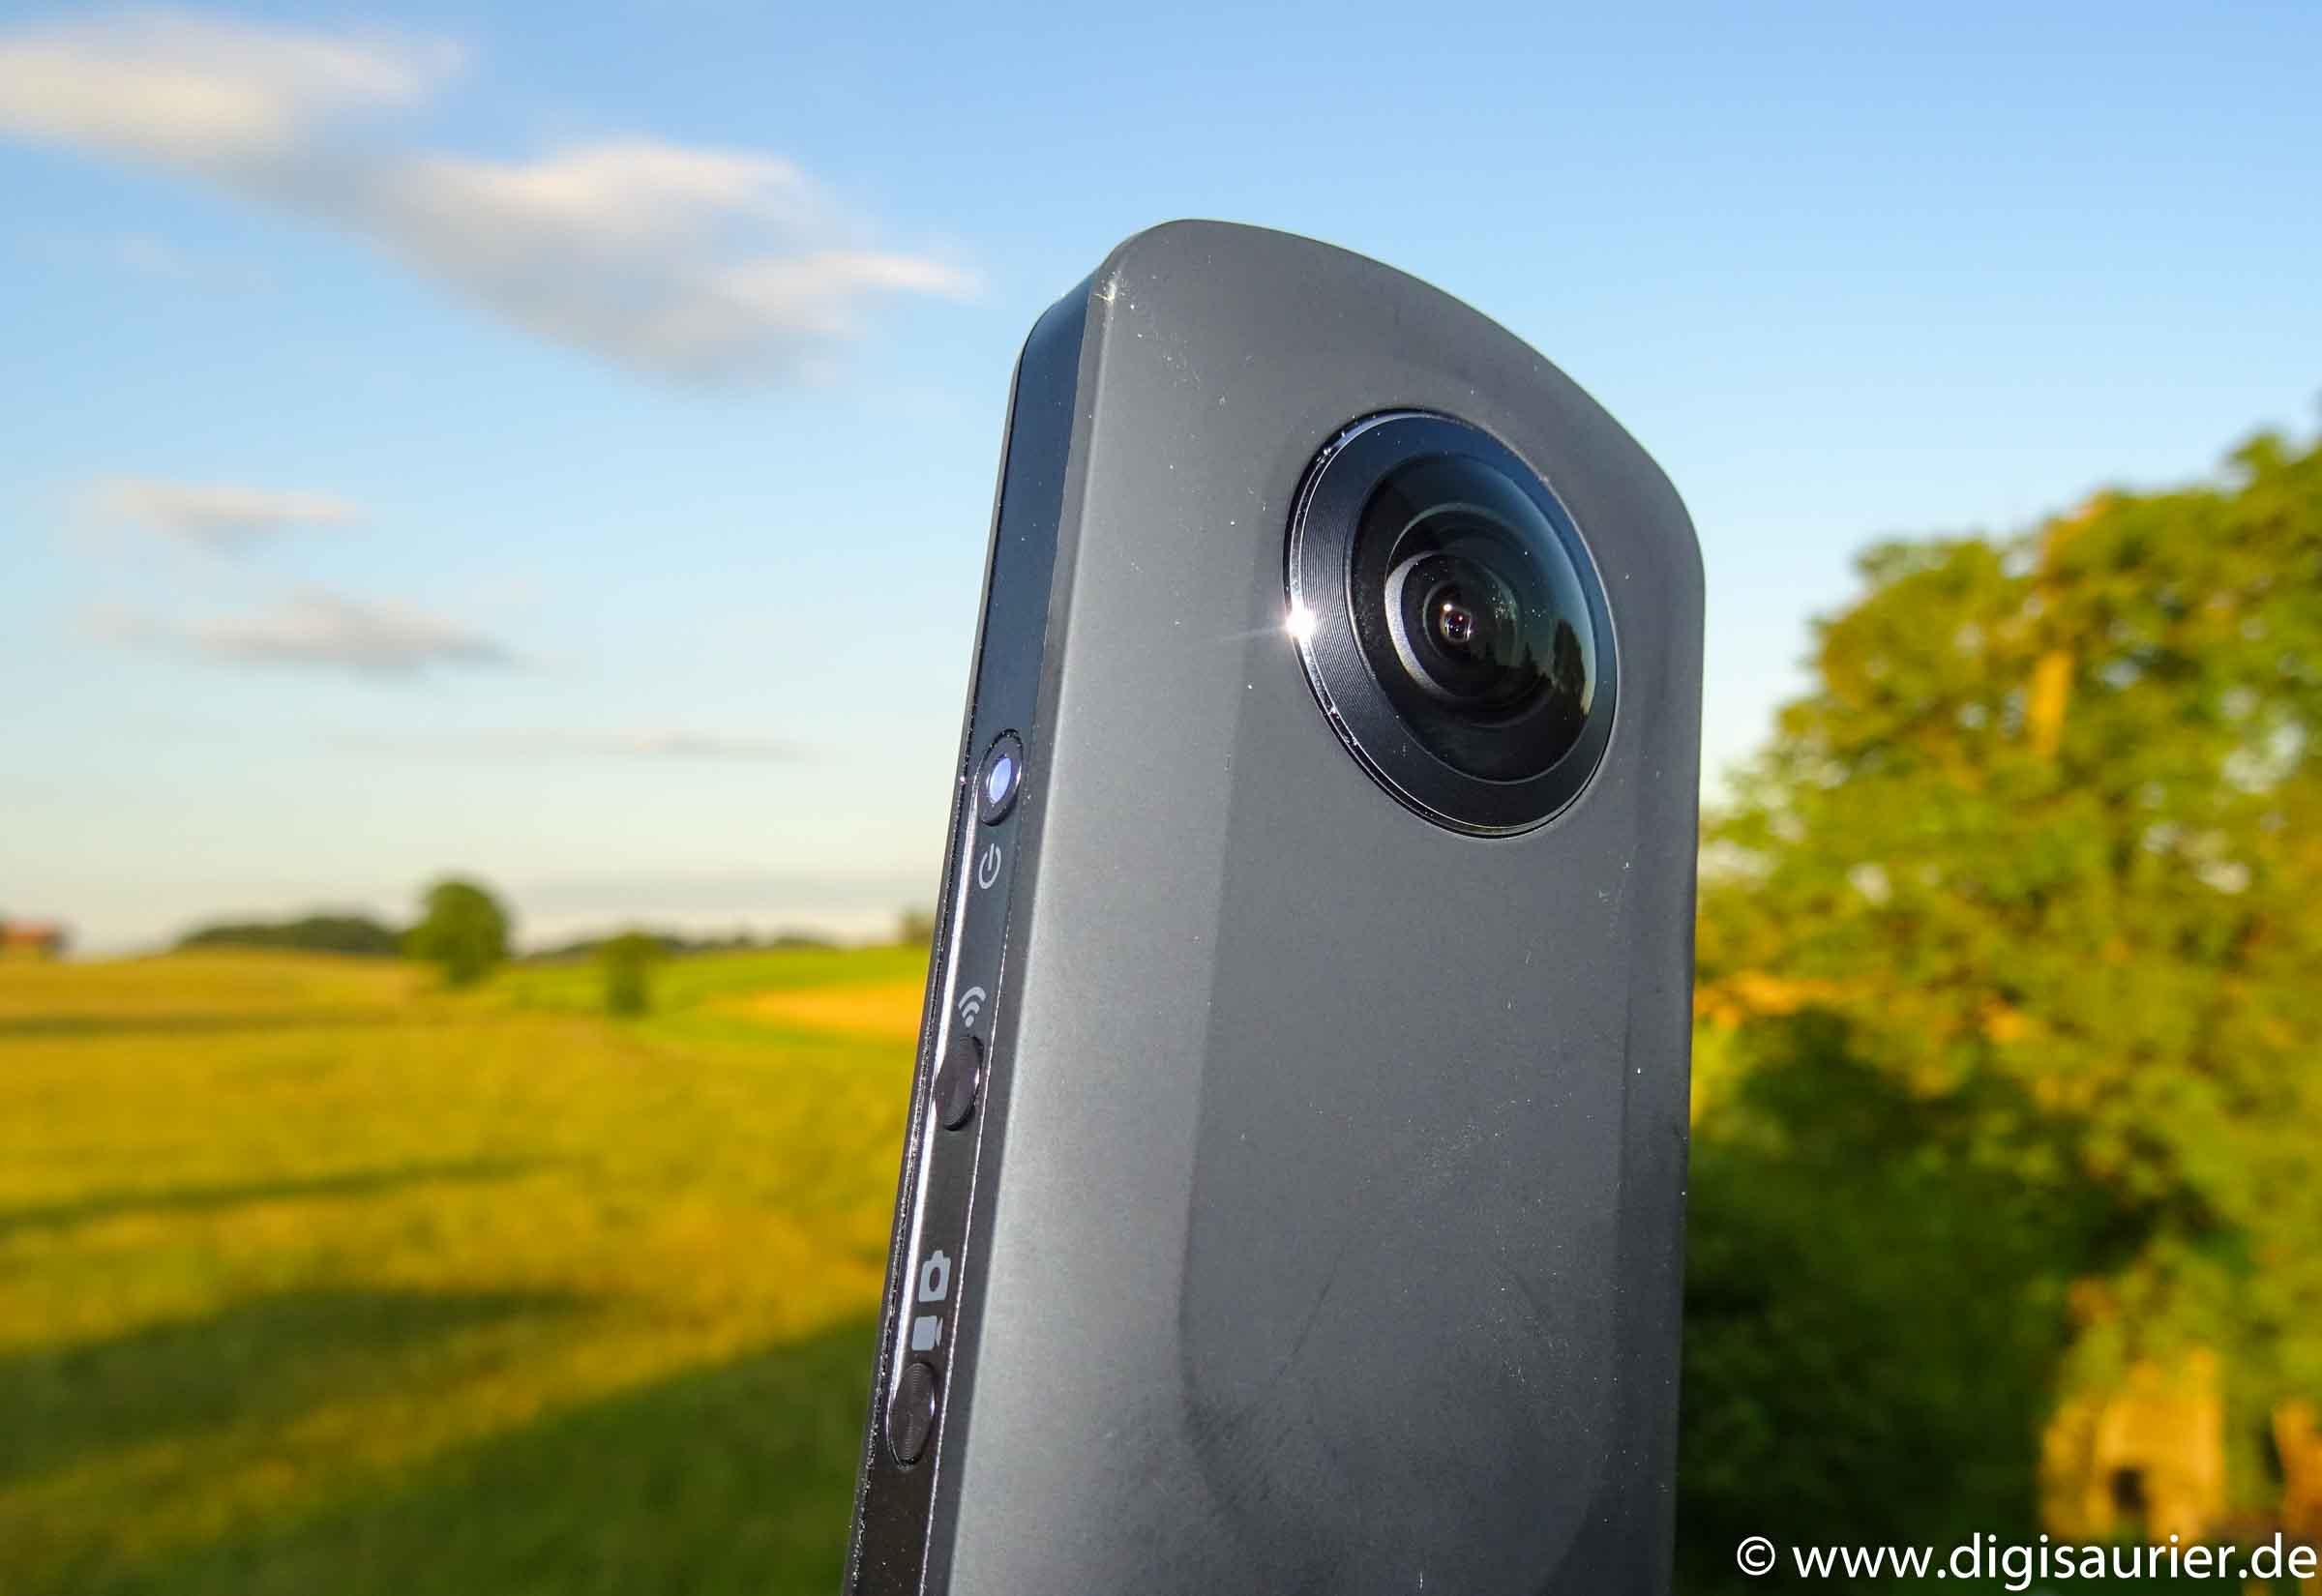 Wozu brauchen wir auf der Digisaurier Reise eine 360 Grad Kamera? #NeuDig Update